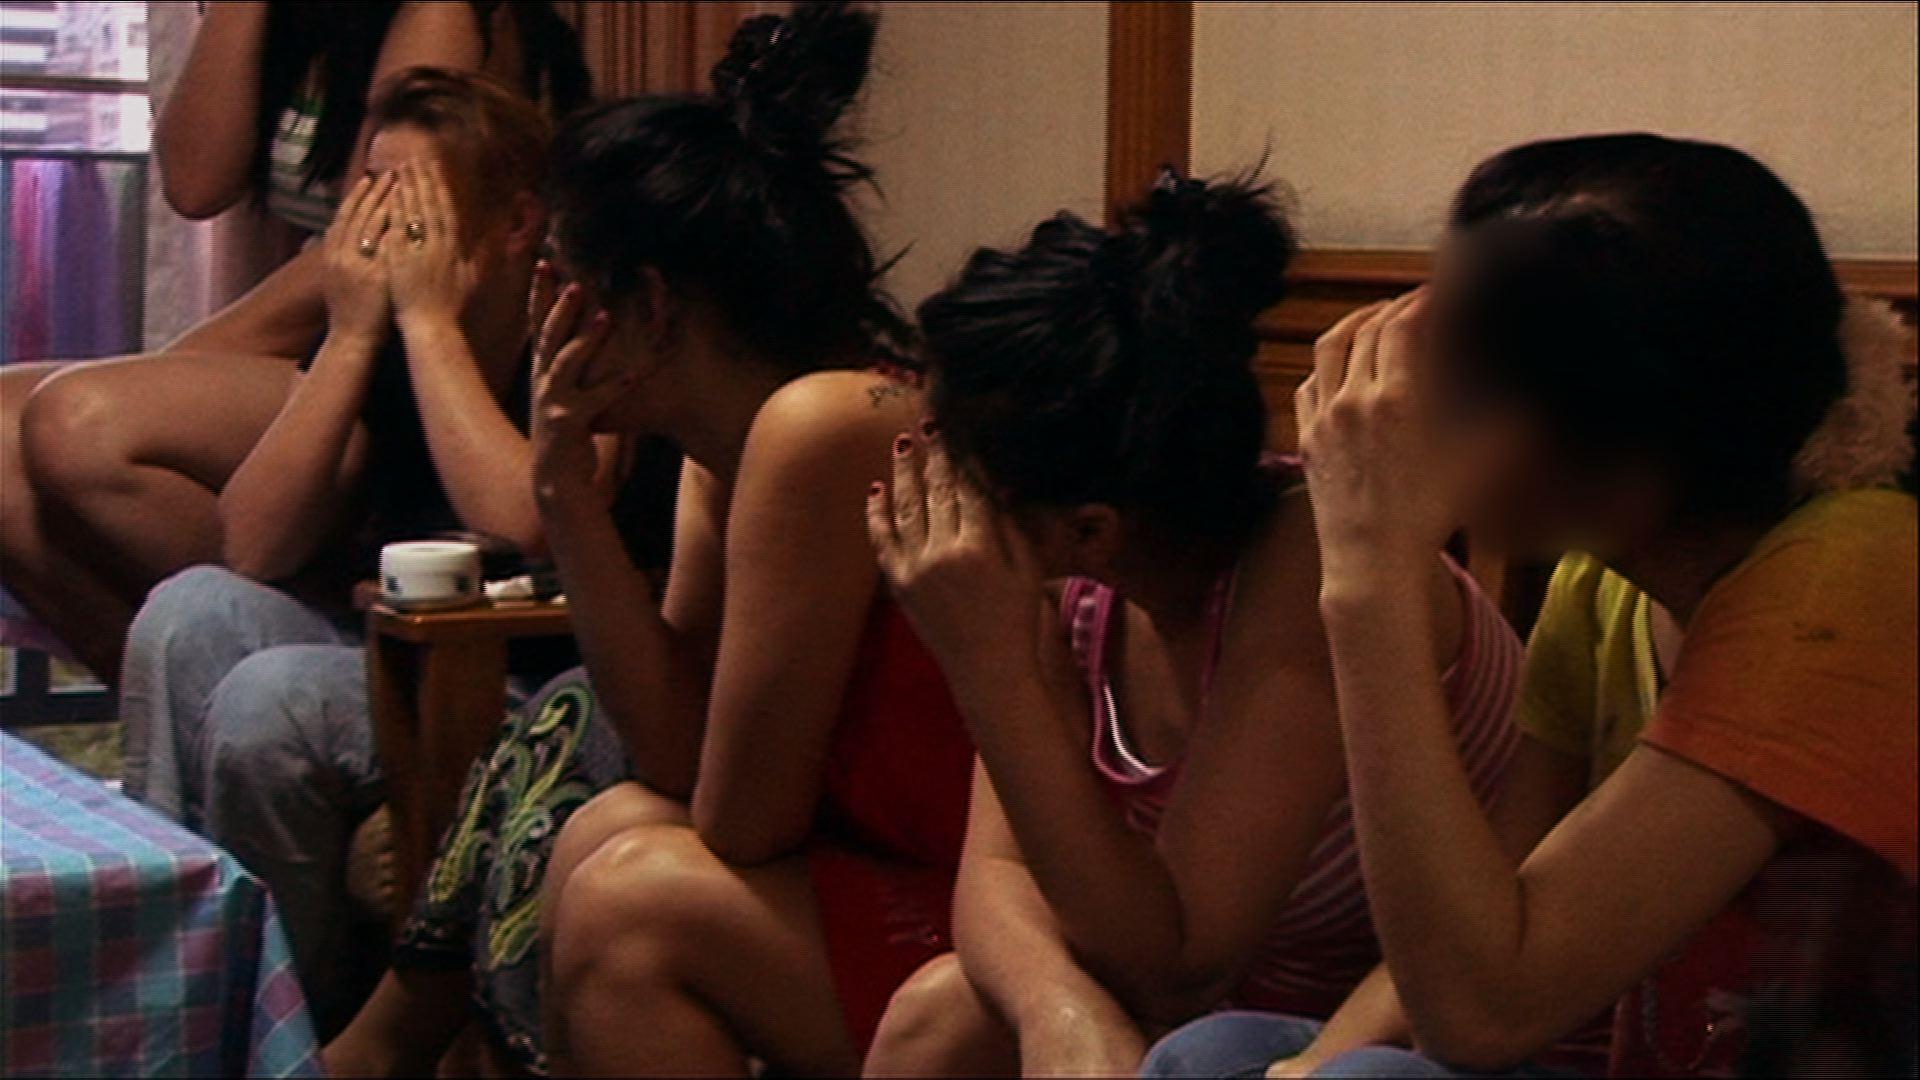 Секс с авганками, Афганки - бесплатное порно онлайн, смотреть видео 10 фотография